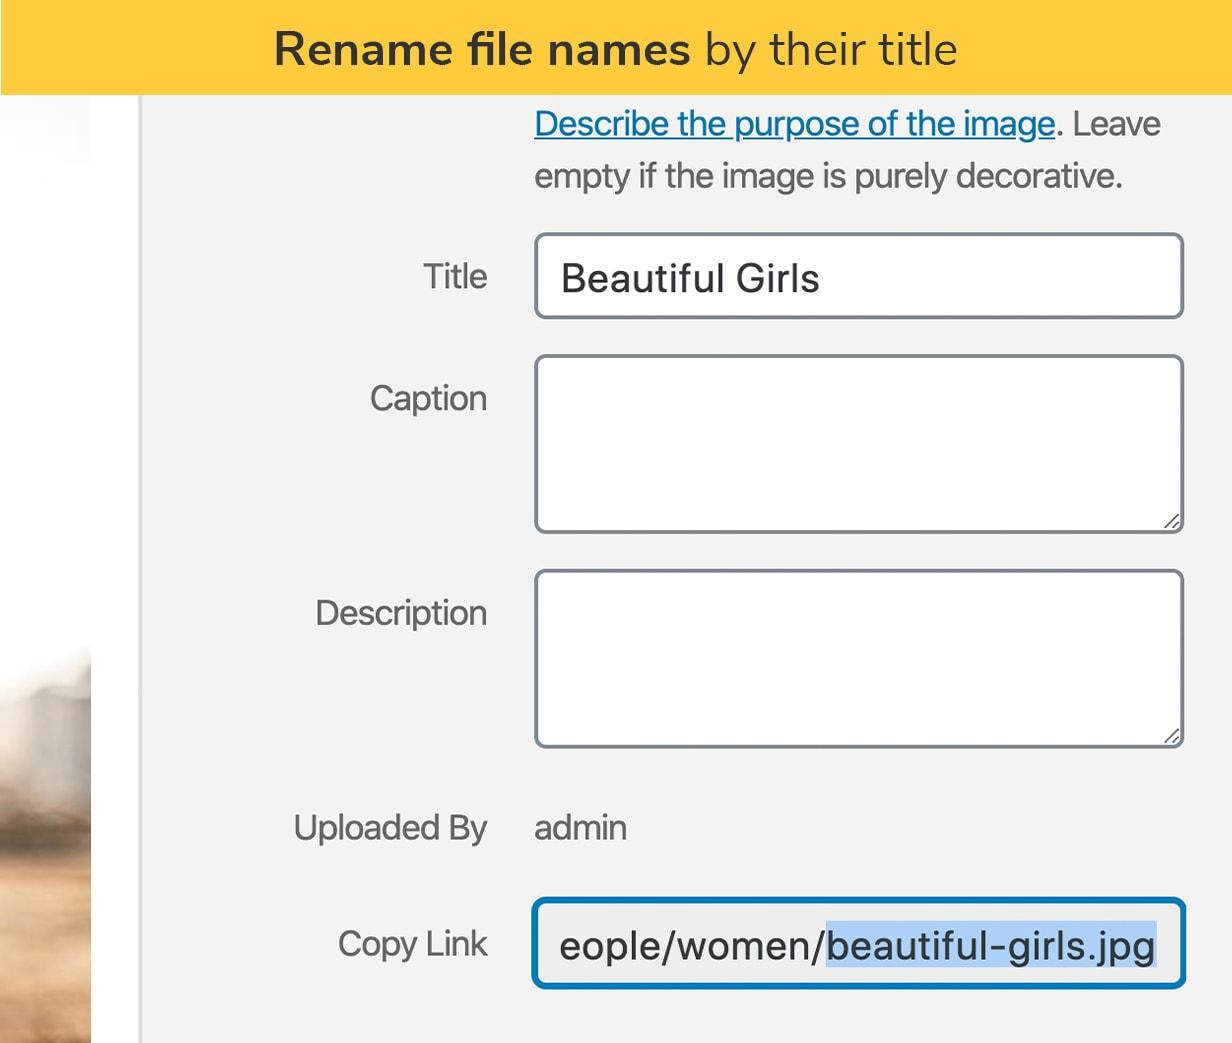 Renomear nomes de arquivos por seus títulos